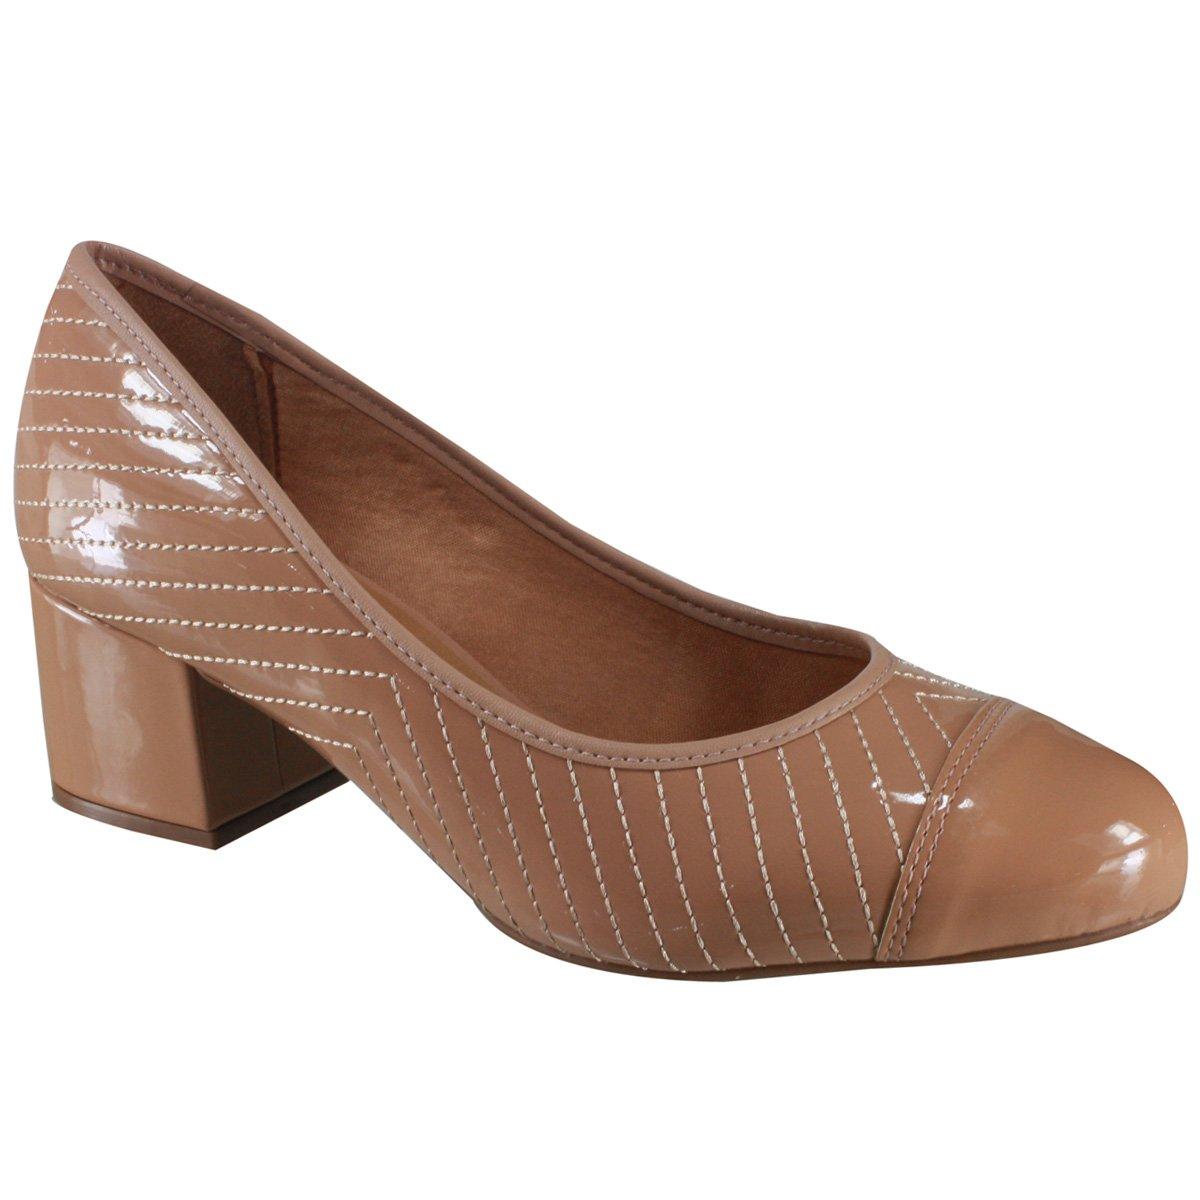 712b47c510 Passe o mouse para ver detalhes. Amplie a imagem. Sapato Feminino Vizzano  ...